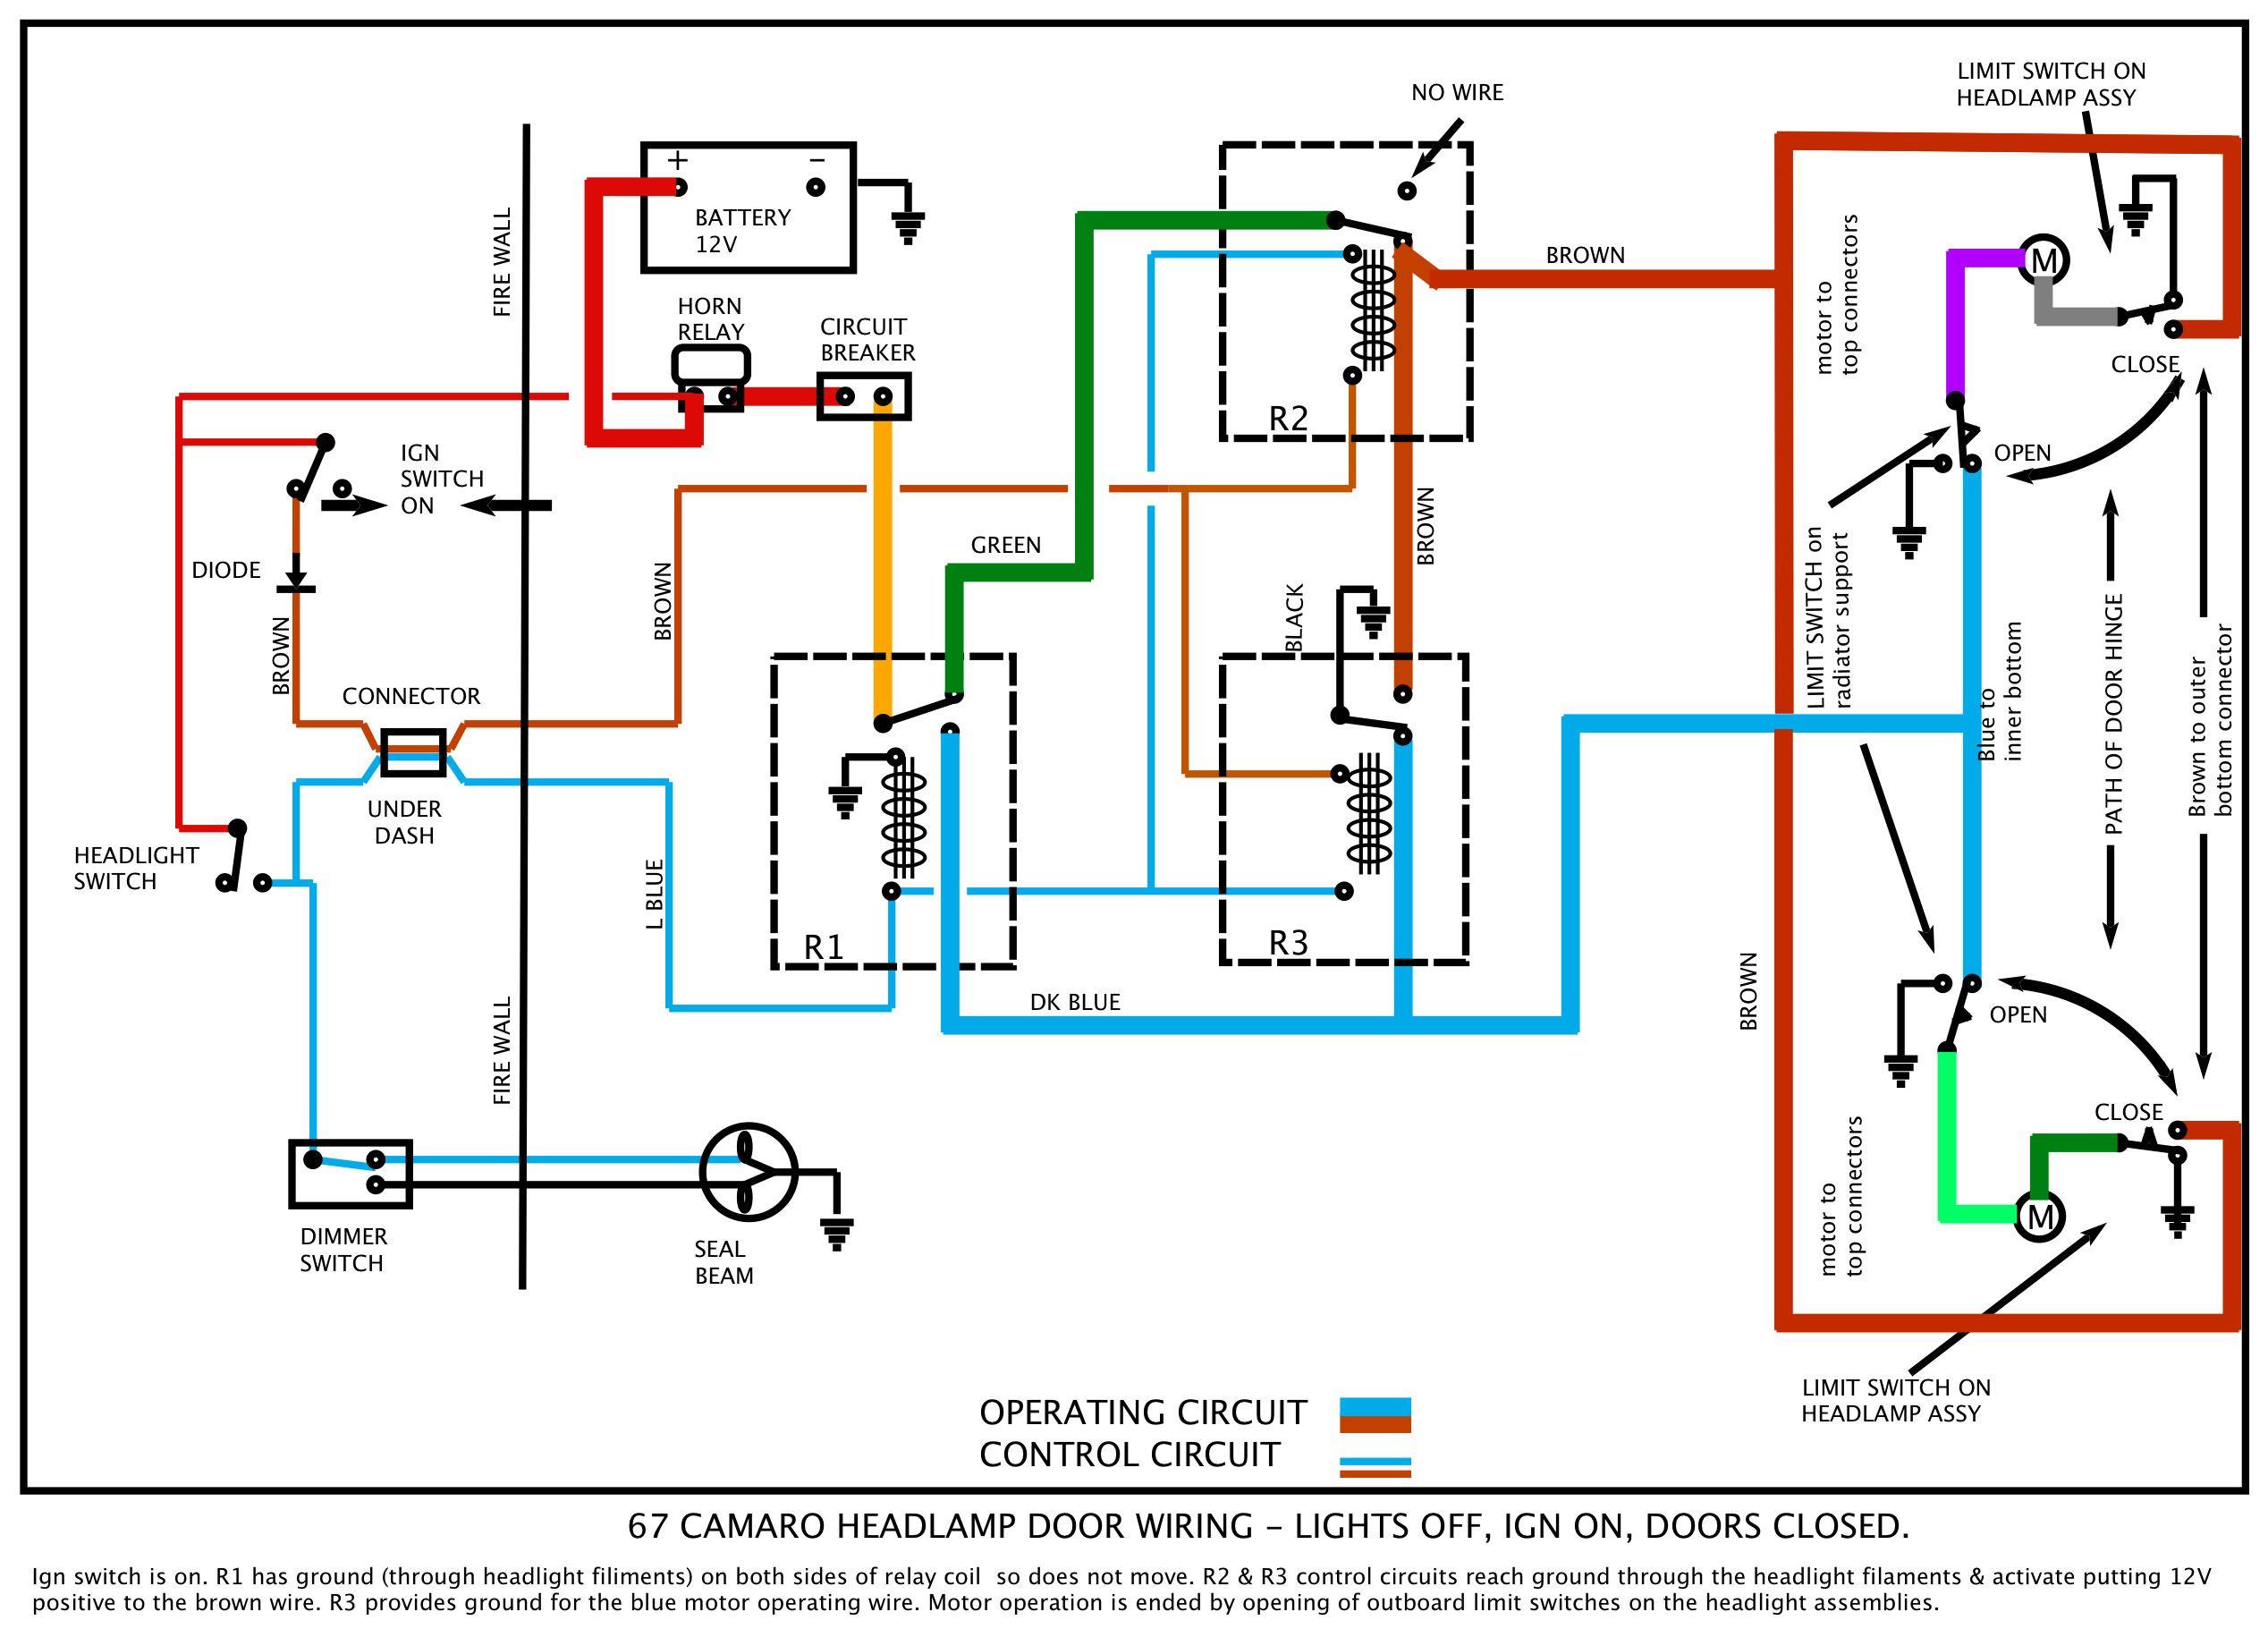 Marvelous 71 Camaro Wiring Diagram Wiring Diagram Database Wiring Cloud Rometaidewilluminateatxorg